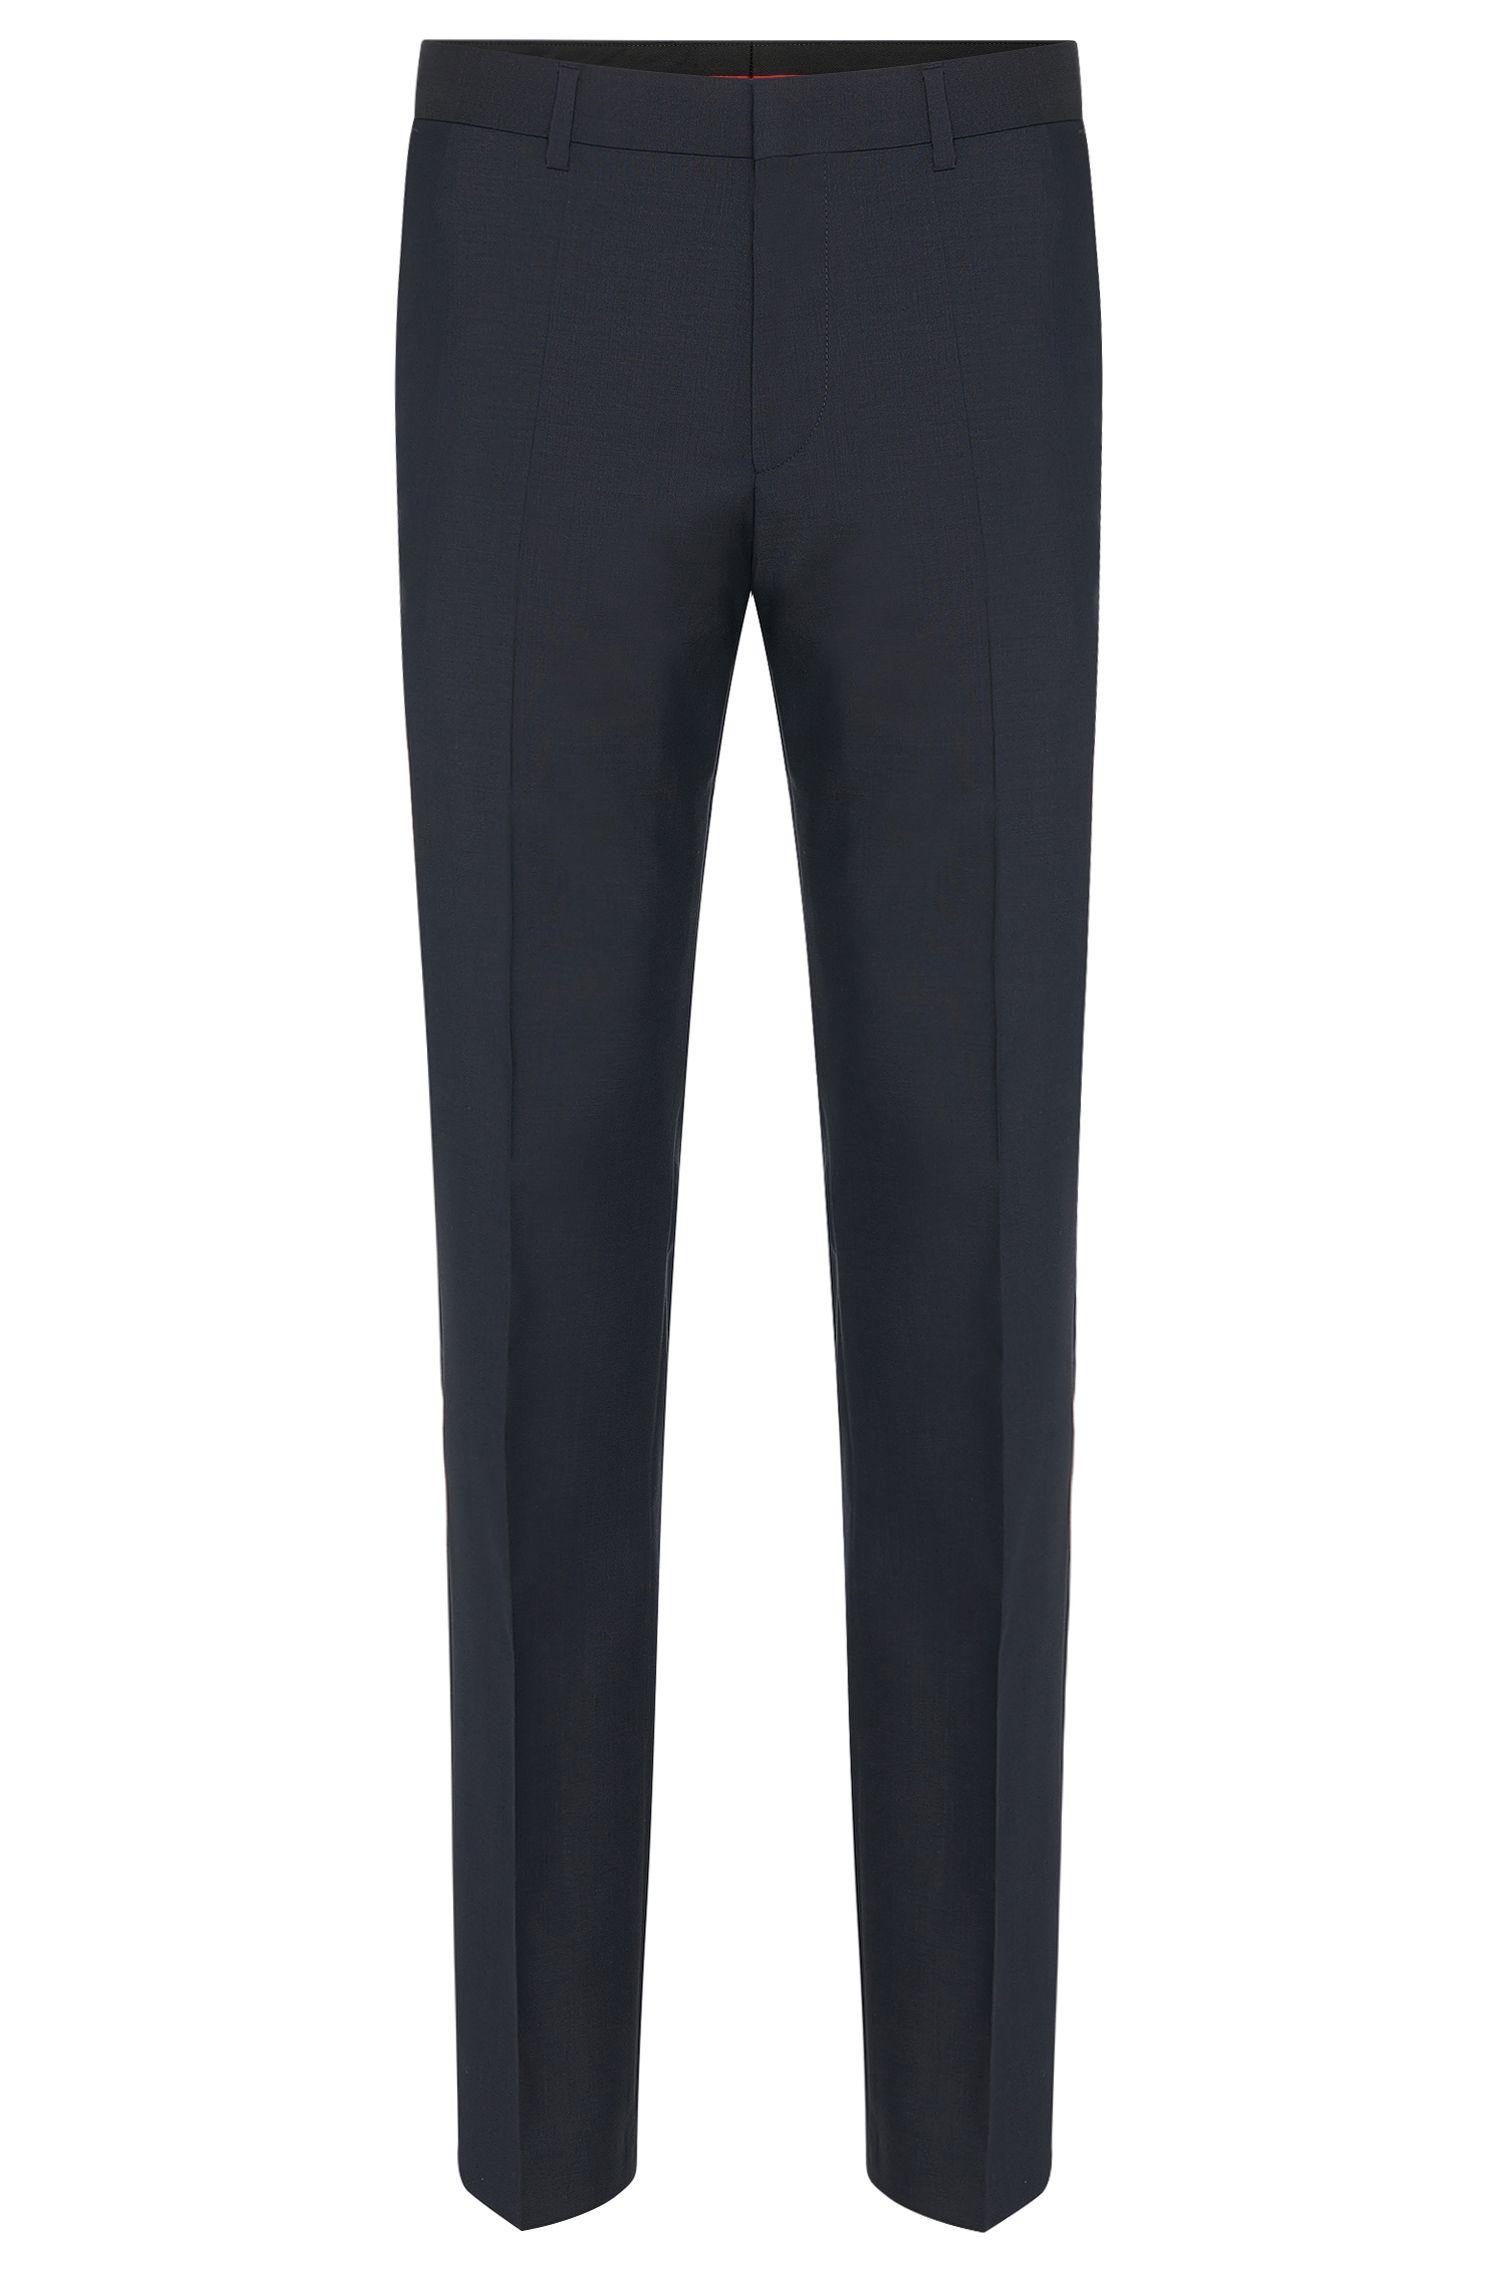 Pantaloni HUGO Uomo con gamba aderente in lana vergine